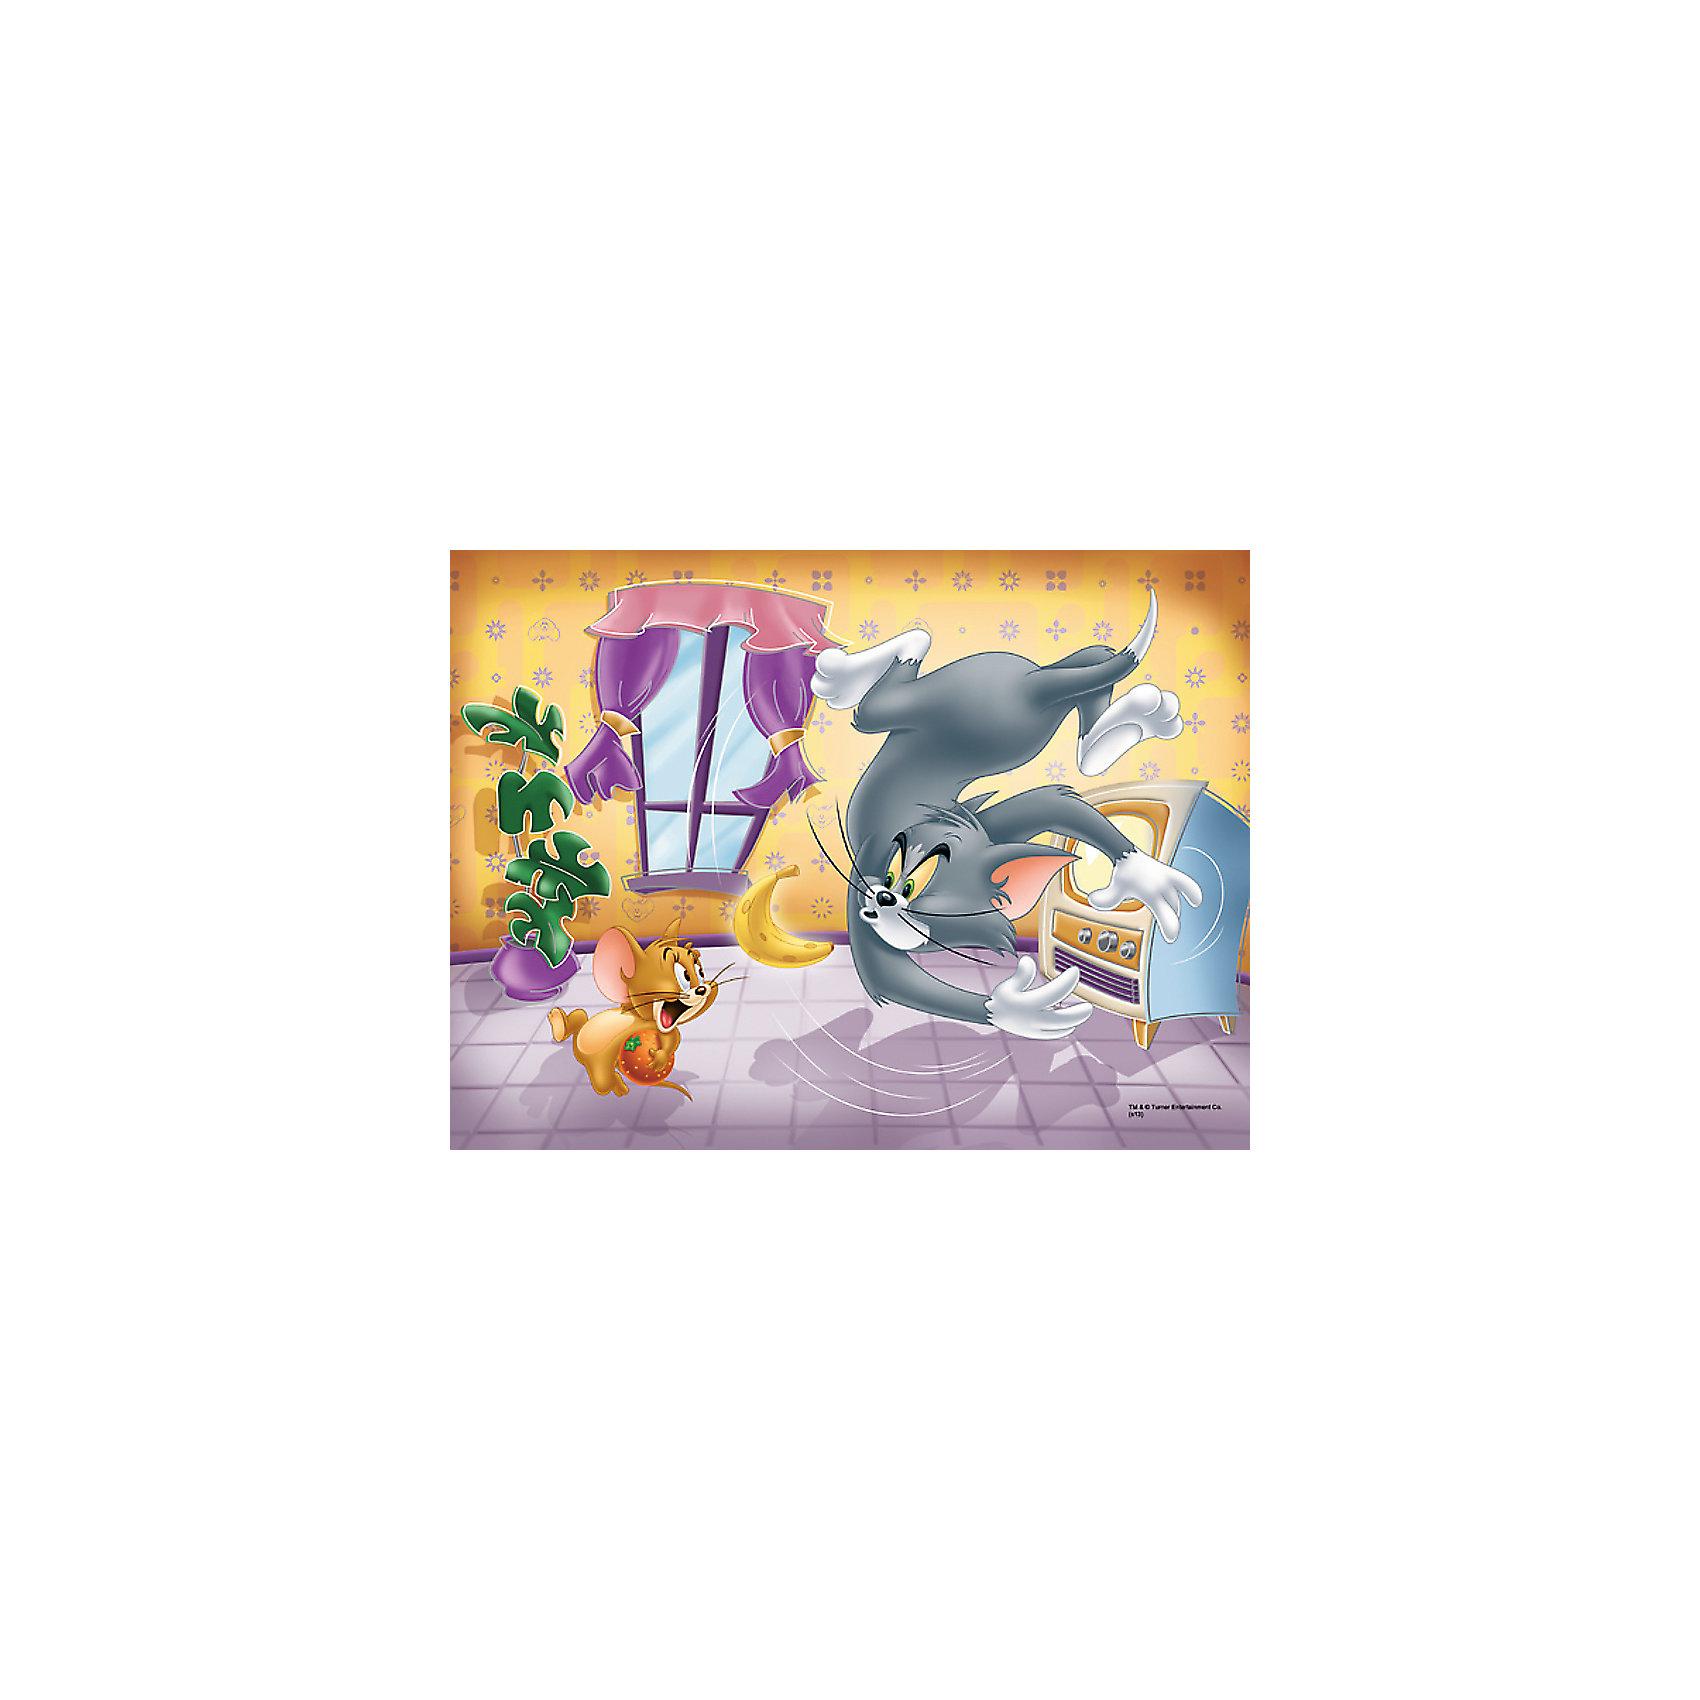 Пазл  Фруктовая битва, 30 деталей, Том и ДжерриПазлы для малышей<br>Пазл Фруктовая битва от Trefl  - увлекательный набор для творчества, который будет интересен детям всех возрастов и даже их родителям. С помощью входящих в набор деталей Вы сможете собрать красочную картинку с героями мультиков Том и Джерри - котом Томом и мышонком Джерри, которые как всегда устроили беспорядок в доме, играя фруктами. Пазл выполнен на каландрированной бумаге и отличается высоким качеством полиграфии и насыщенными цветами. <br> <br>Собирание пазла способствует развитию логического мышления, внимания, мелкой моторики и координации движений.<br><br>Дополнительная информация:<br><br>- Материал: картон. <br>- Размер собранной картинки: 20 x 27 см.<br>- Размер упаковки: 14,3 х 21,3 х 4 см.<br>- Вес: 150 гр.<br><br> Пазл Фруктовая битва, Trefl можно купить в нашем интернет-магазине.<br><br>Ширина мм: 216<br>Глубина мм: 144<br>Высота мм: 40<br>Вес г: 171<br>Возраст от месяцев: 48<br>Возраст до месяцев: 72<br>Пол: Унисекс<br>Возраст: Детский<br>Количество деталей: 30<br>SKU: 3879933